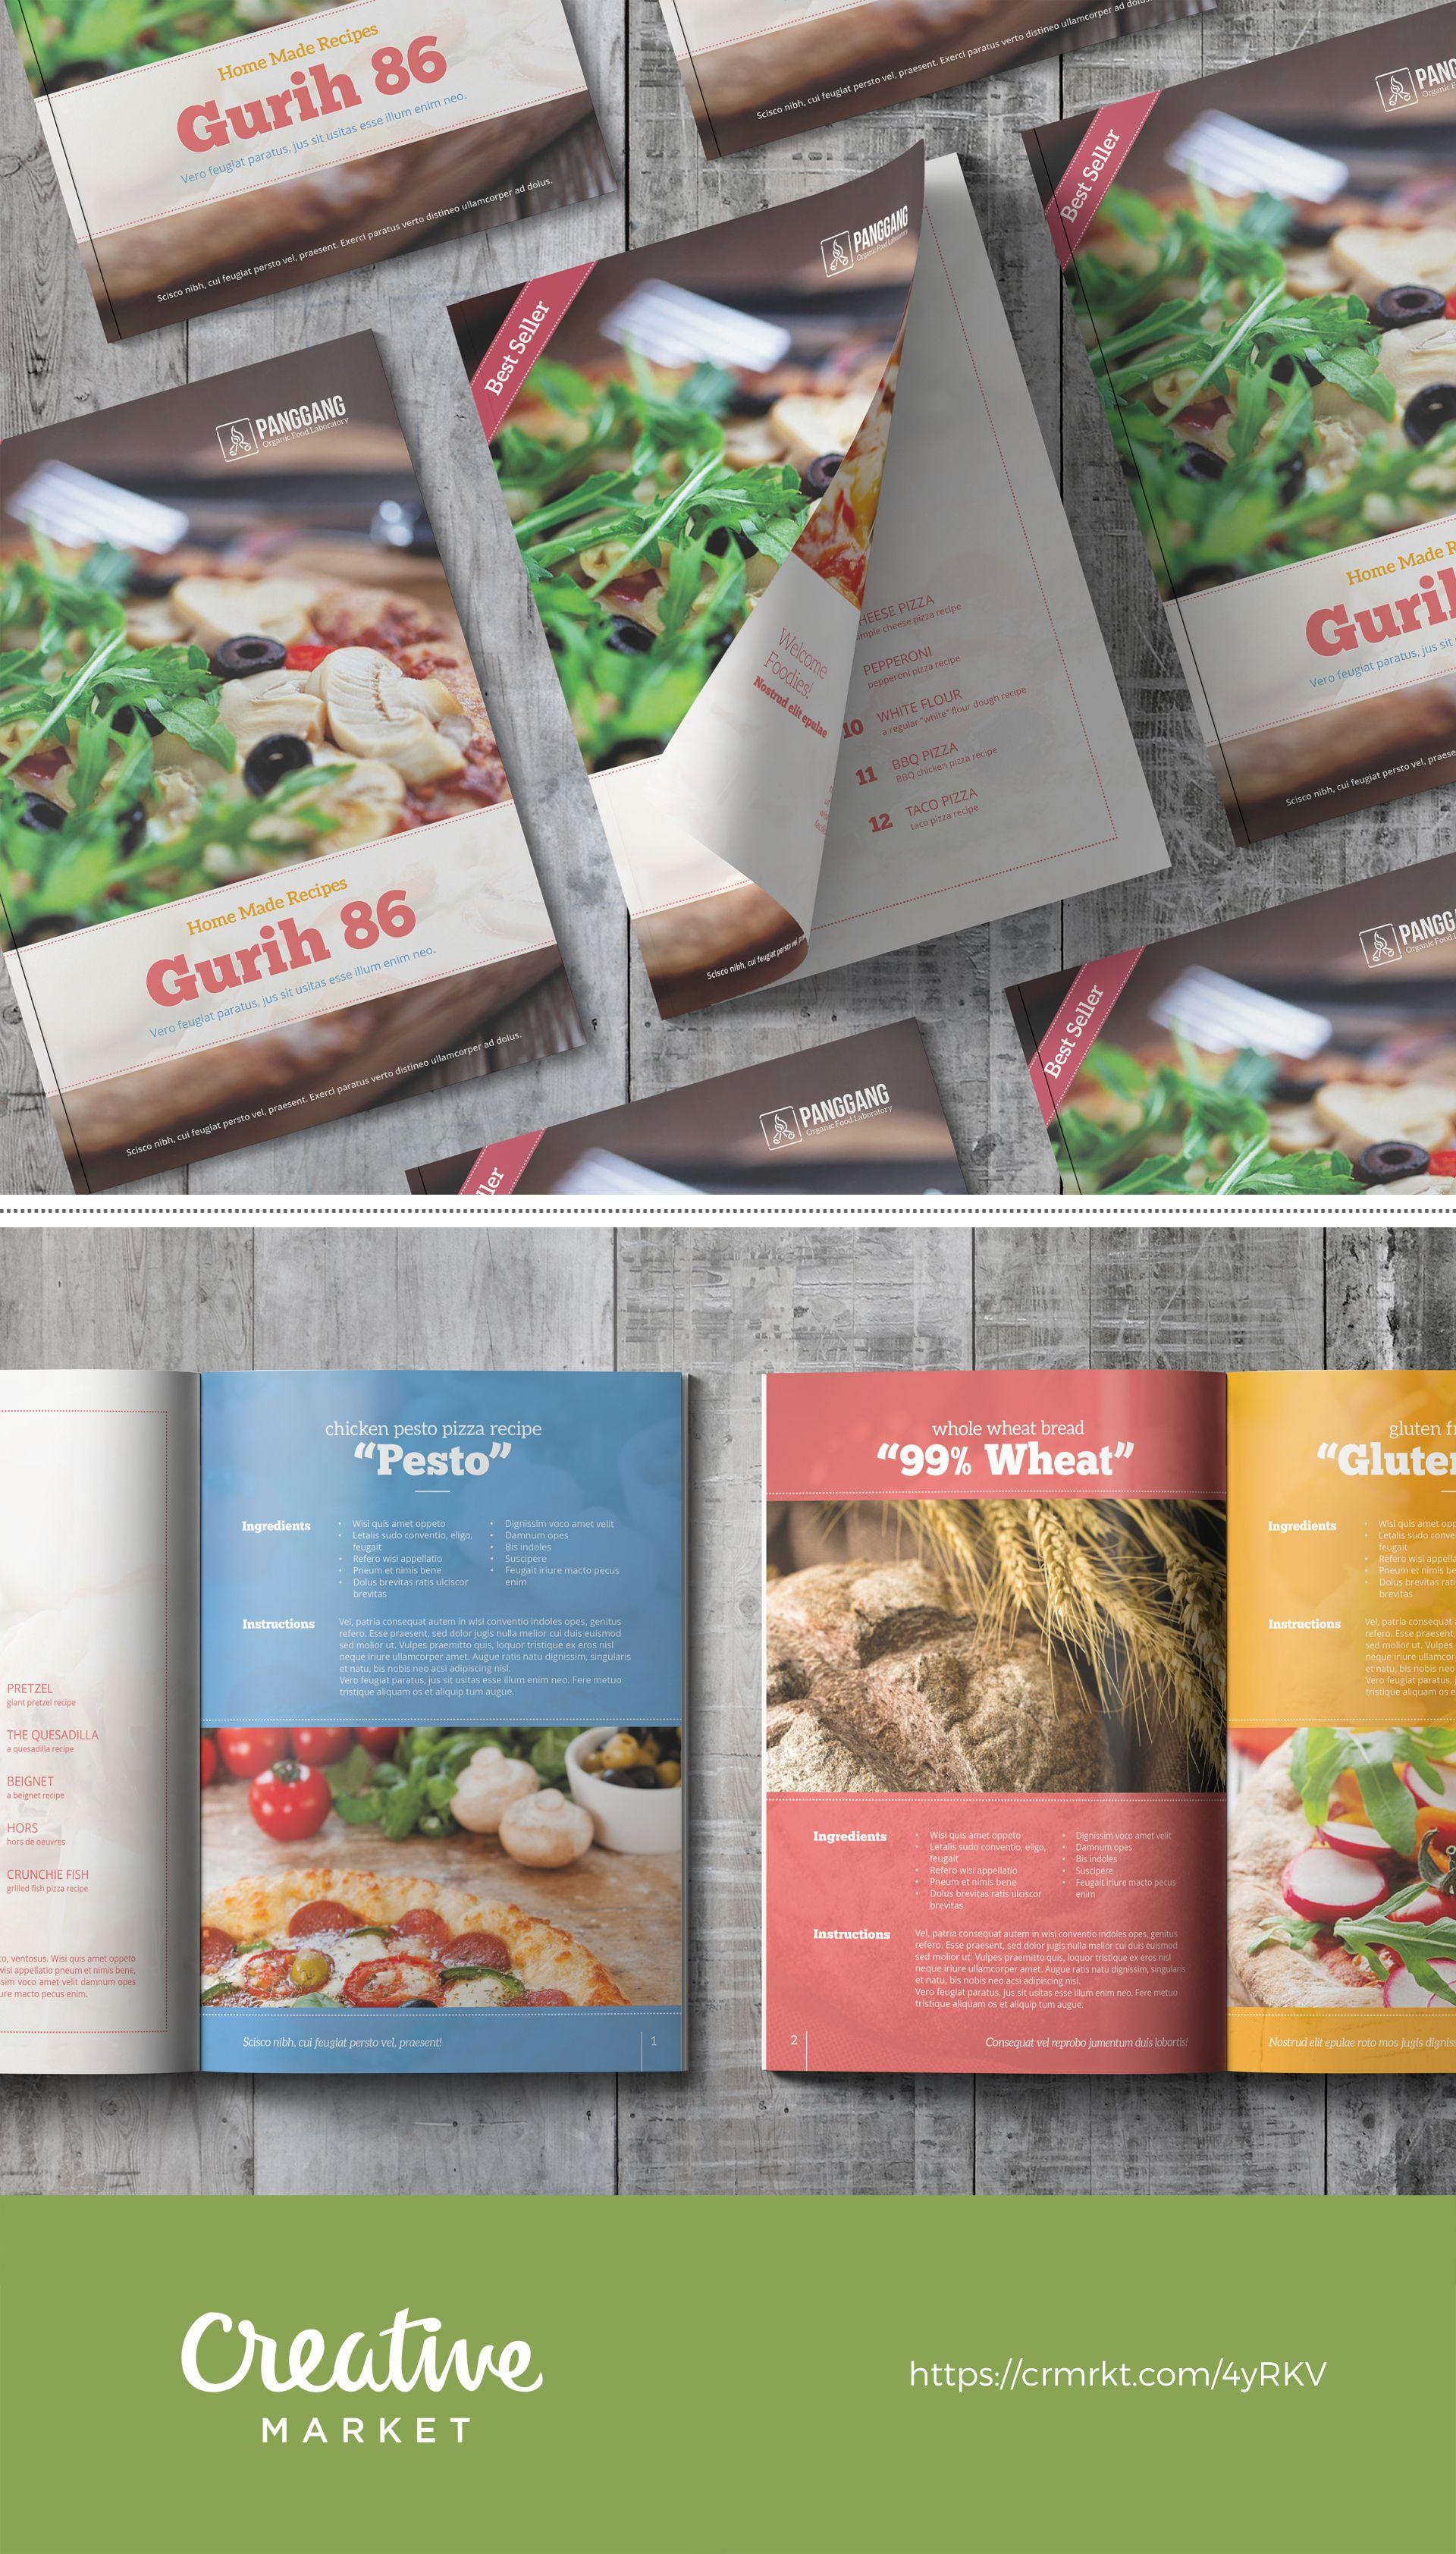 Gurih 86 Recipe Book